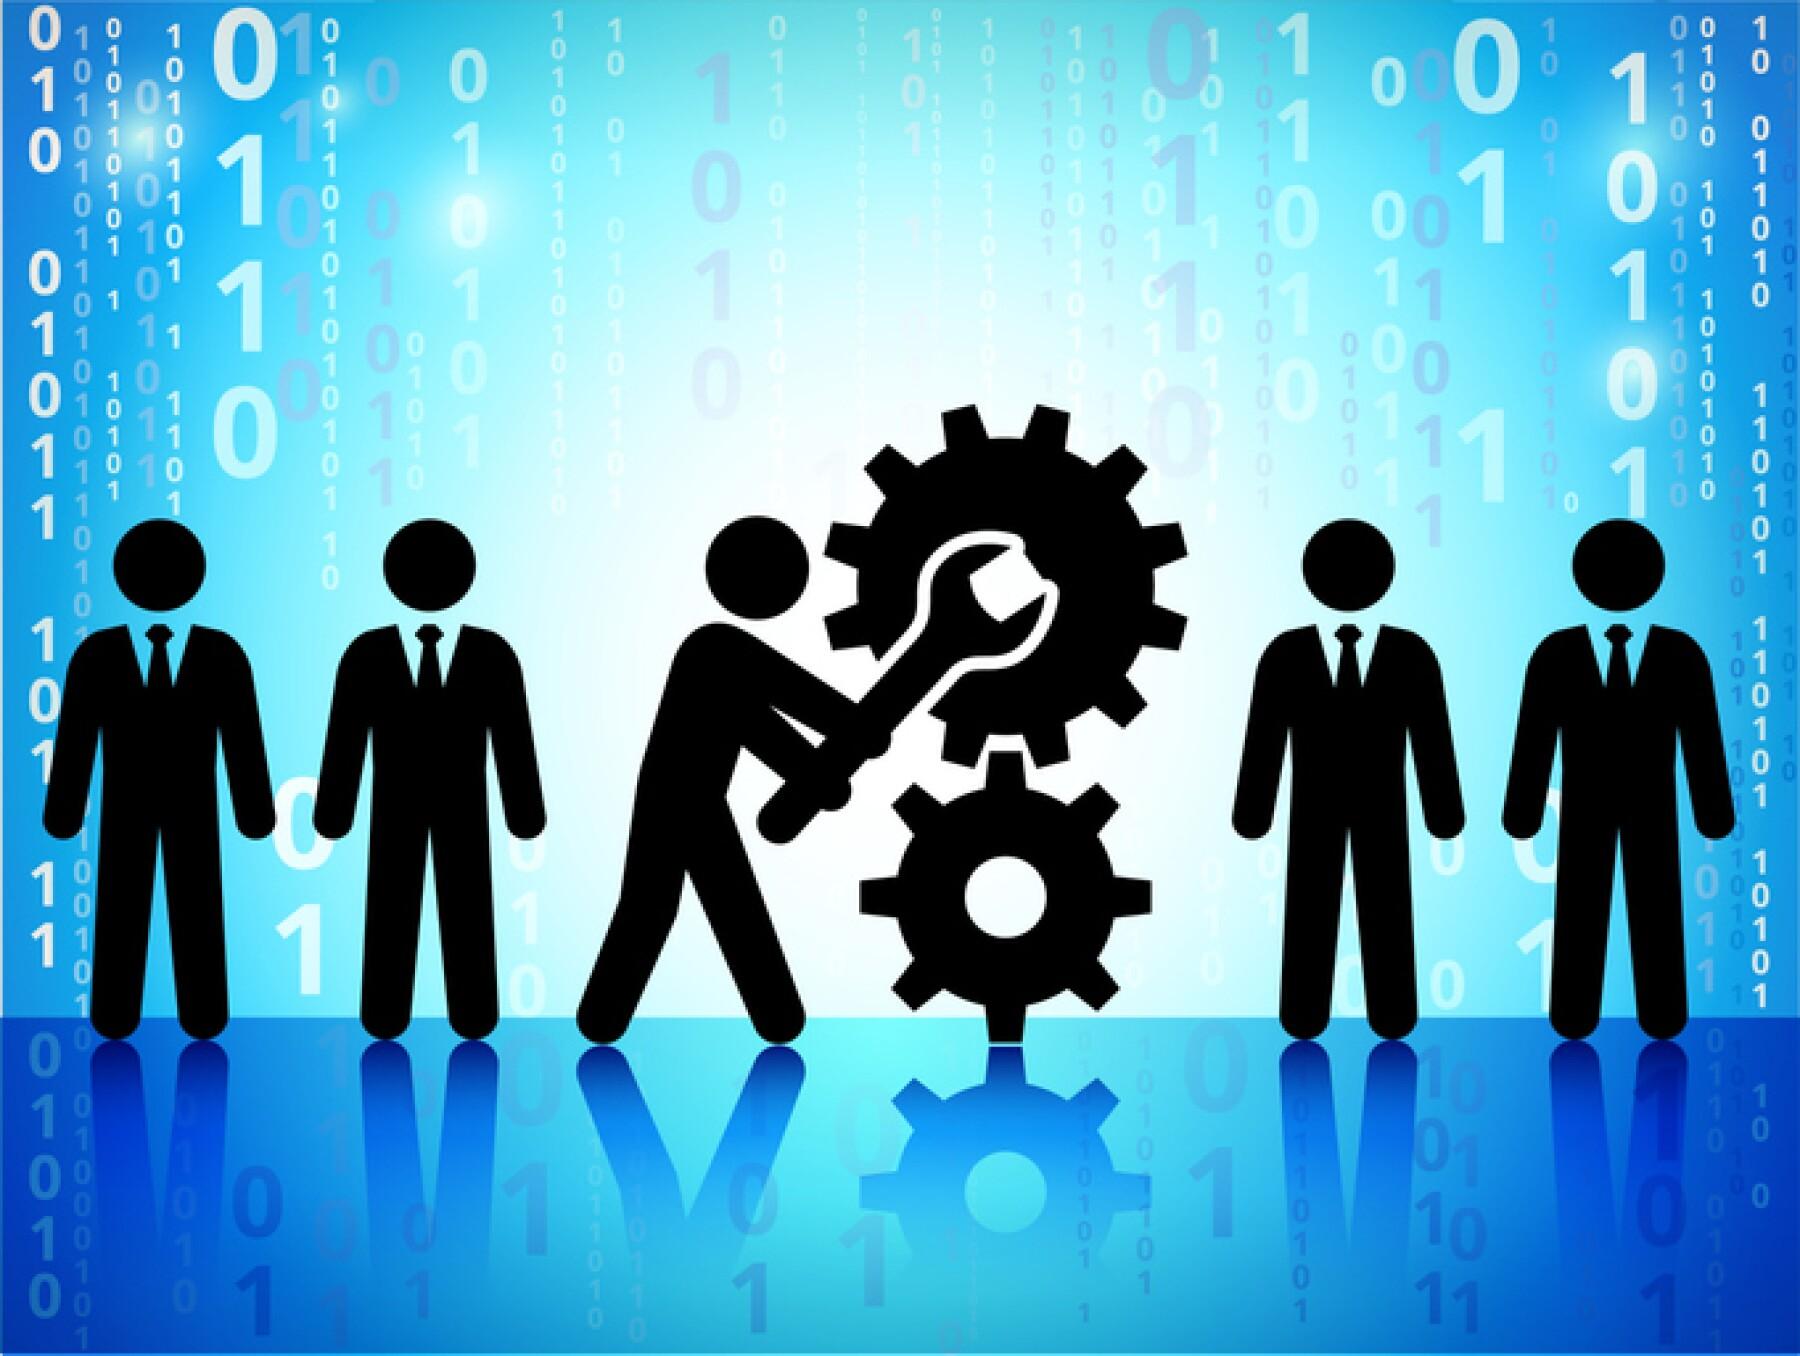 Estrategia digital - transformación digital - nueva era - nueva era empresarial - empresas